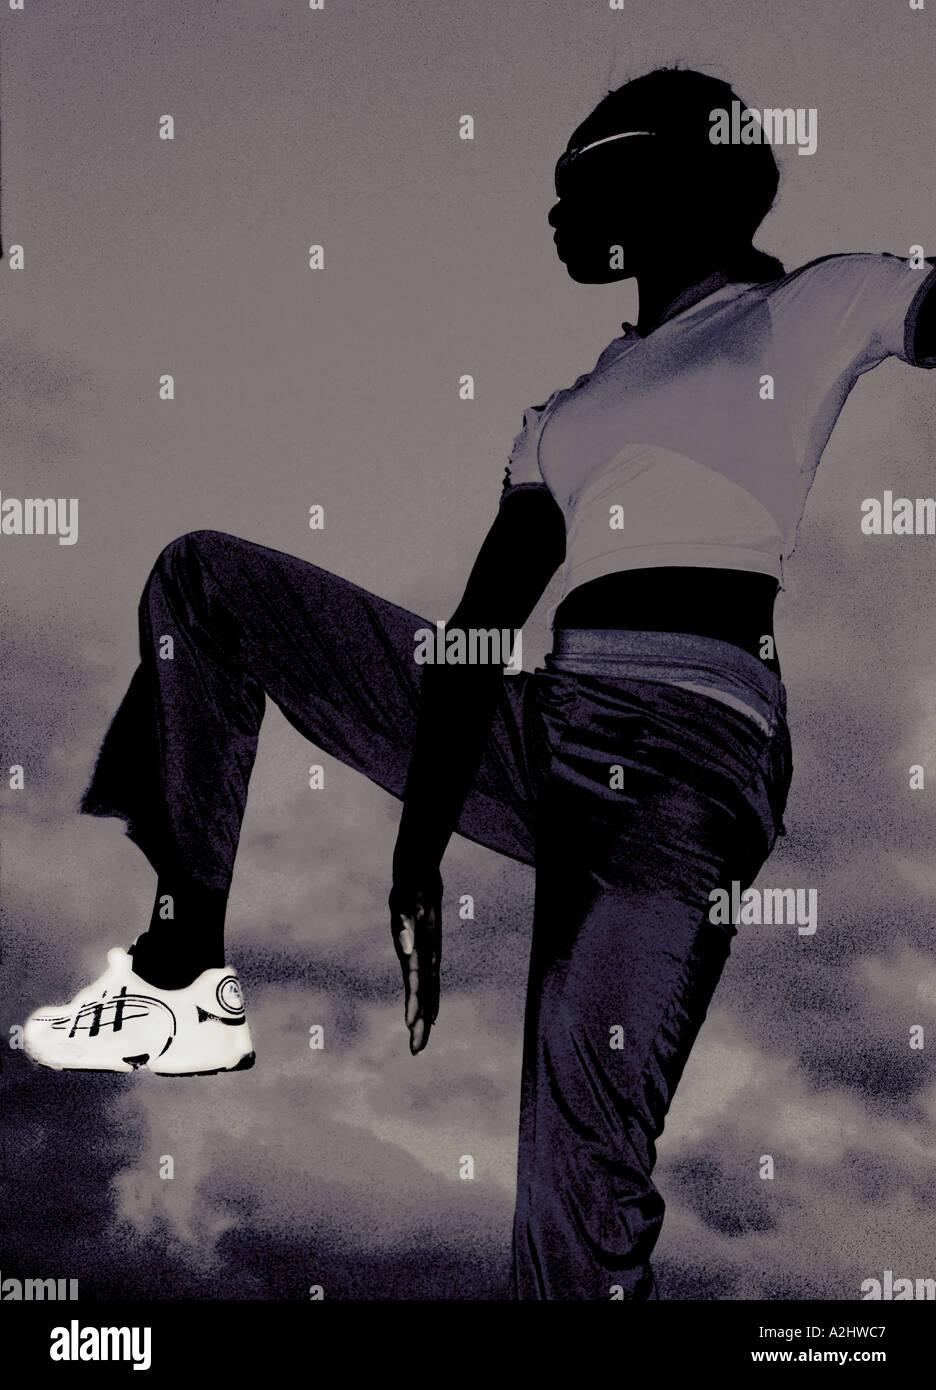 schwarze Frau Alter 20-25 trainieren gegen einen Himmel. Stockbild